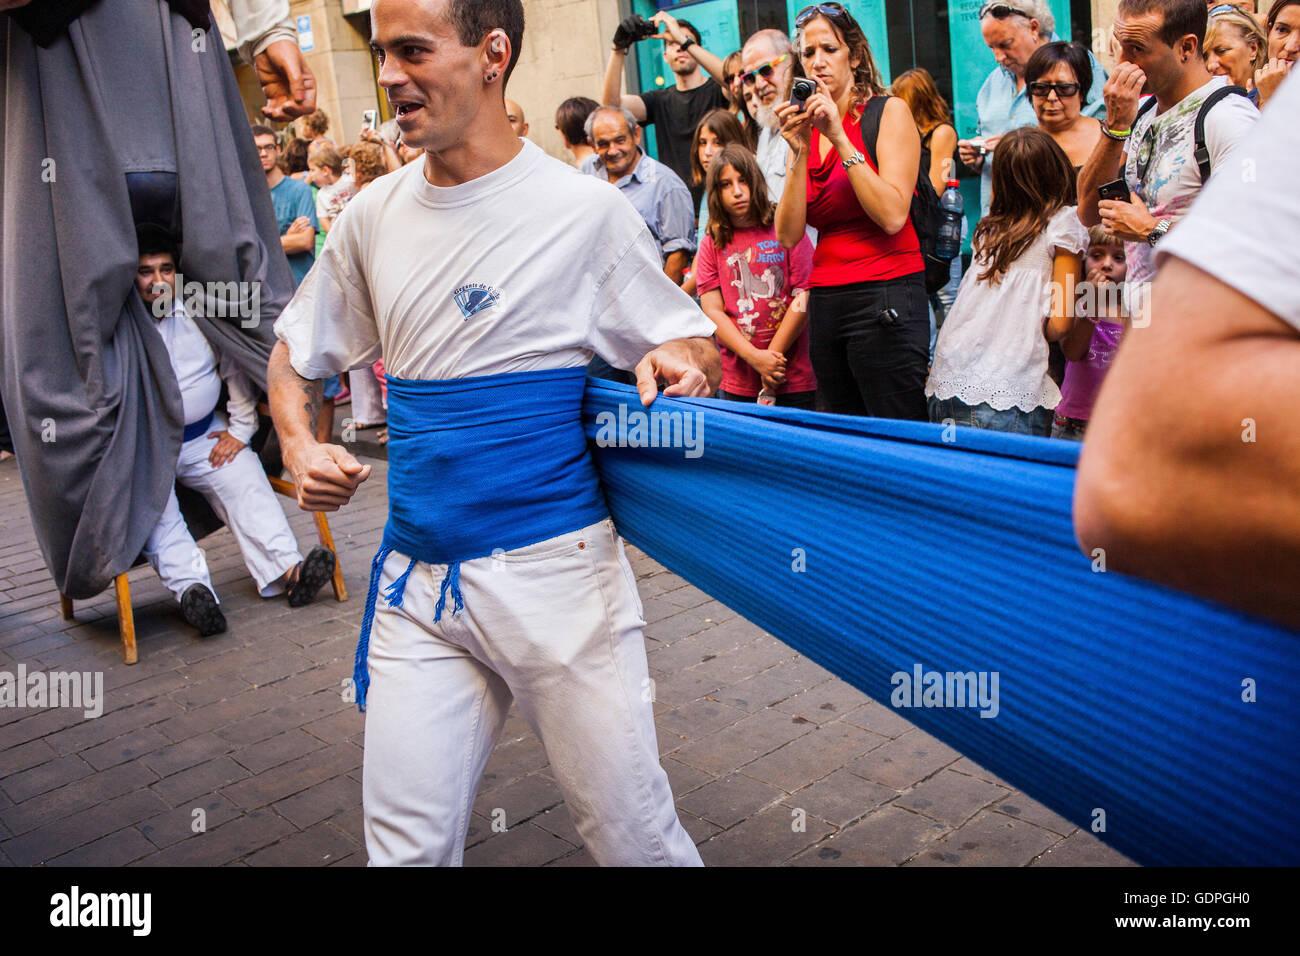 Las personas se preparan para llevar a los gigantes durante la Merce Festival, en la calle Ferran. Barcelona. Cataluña. España Foto de stock